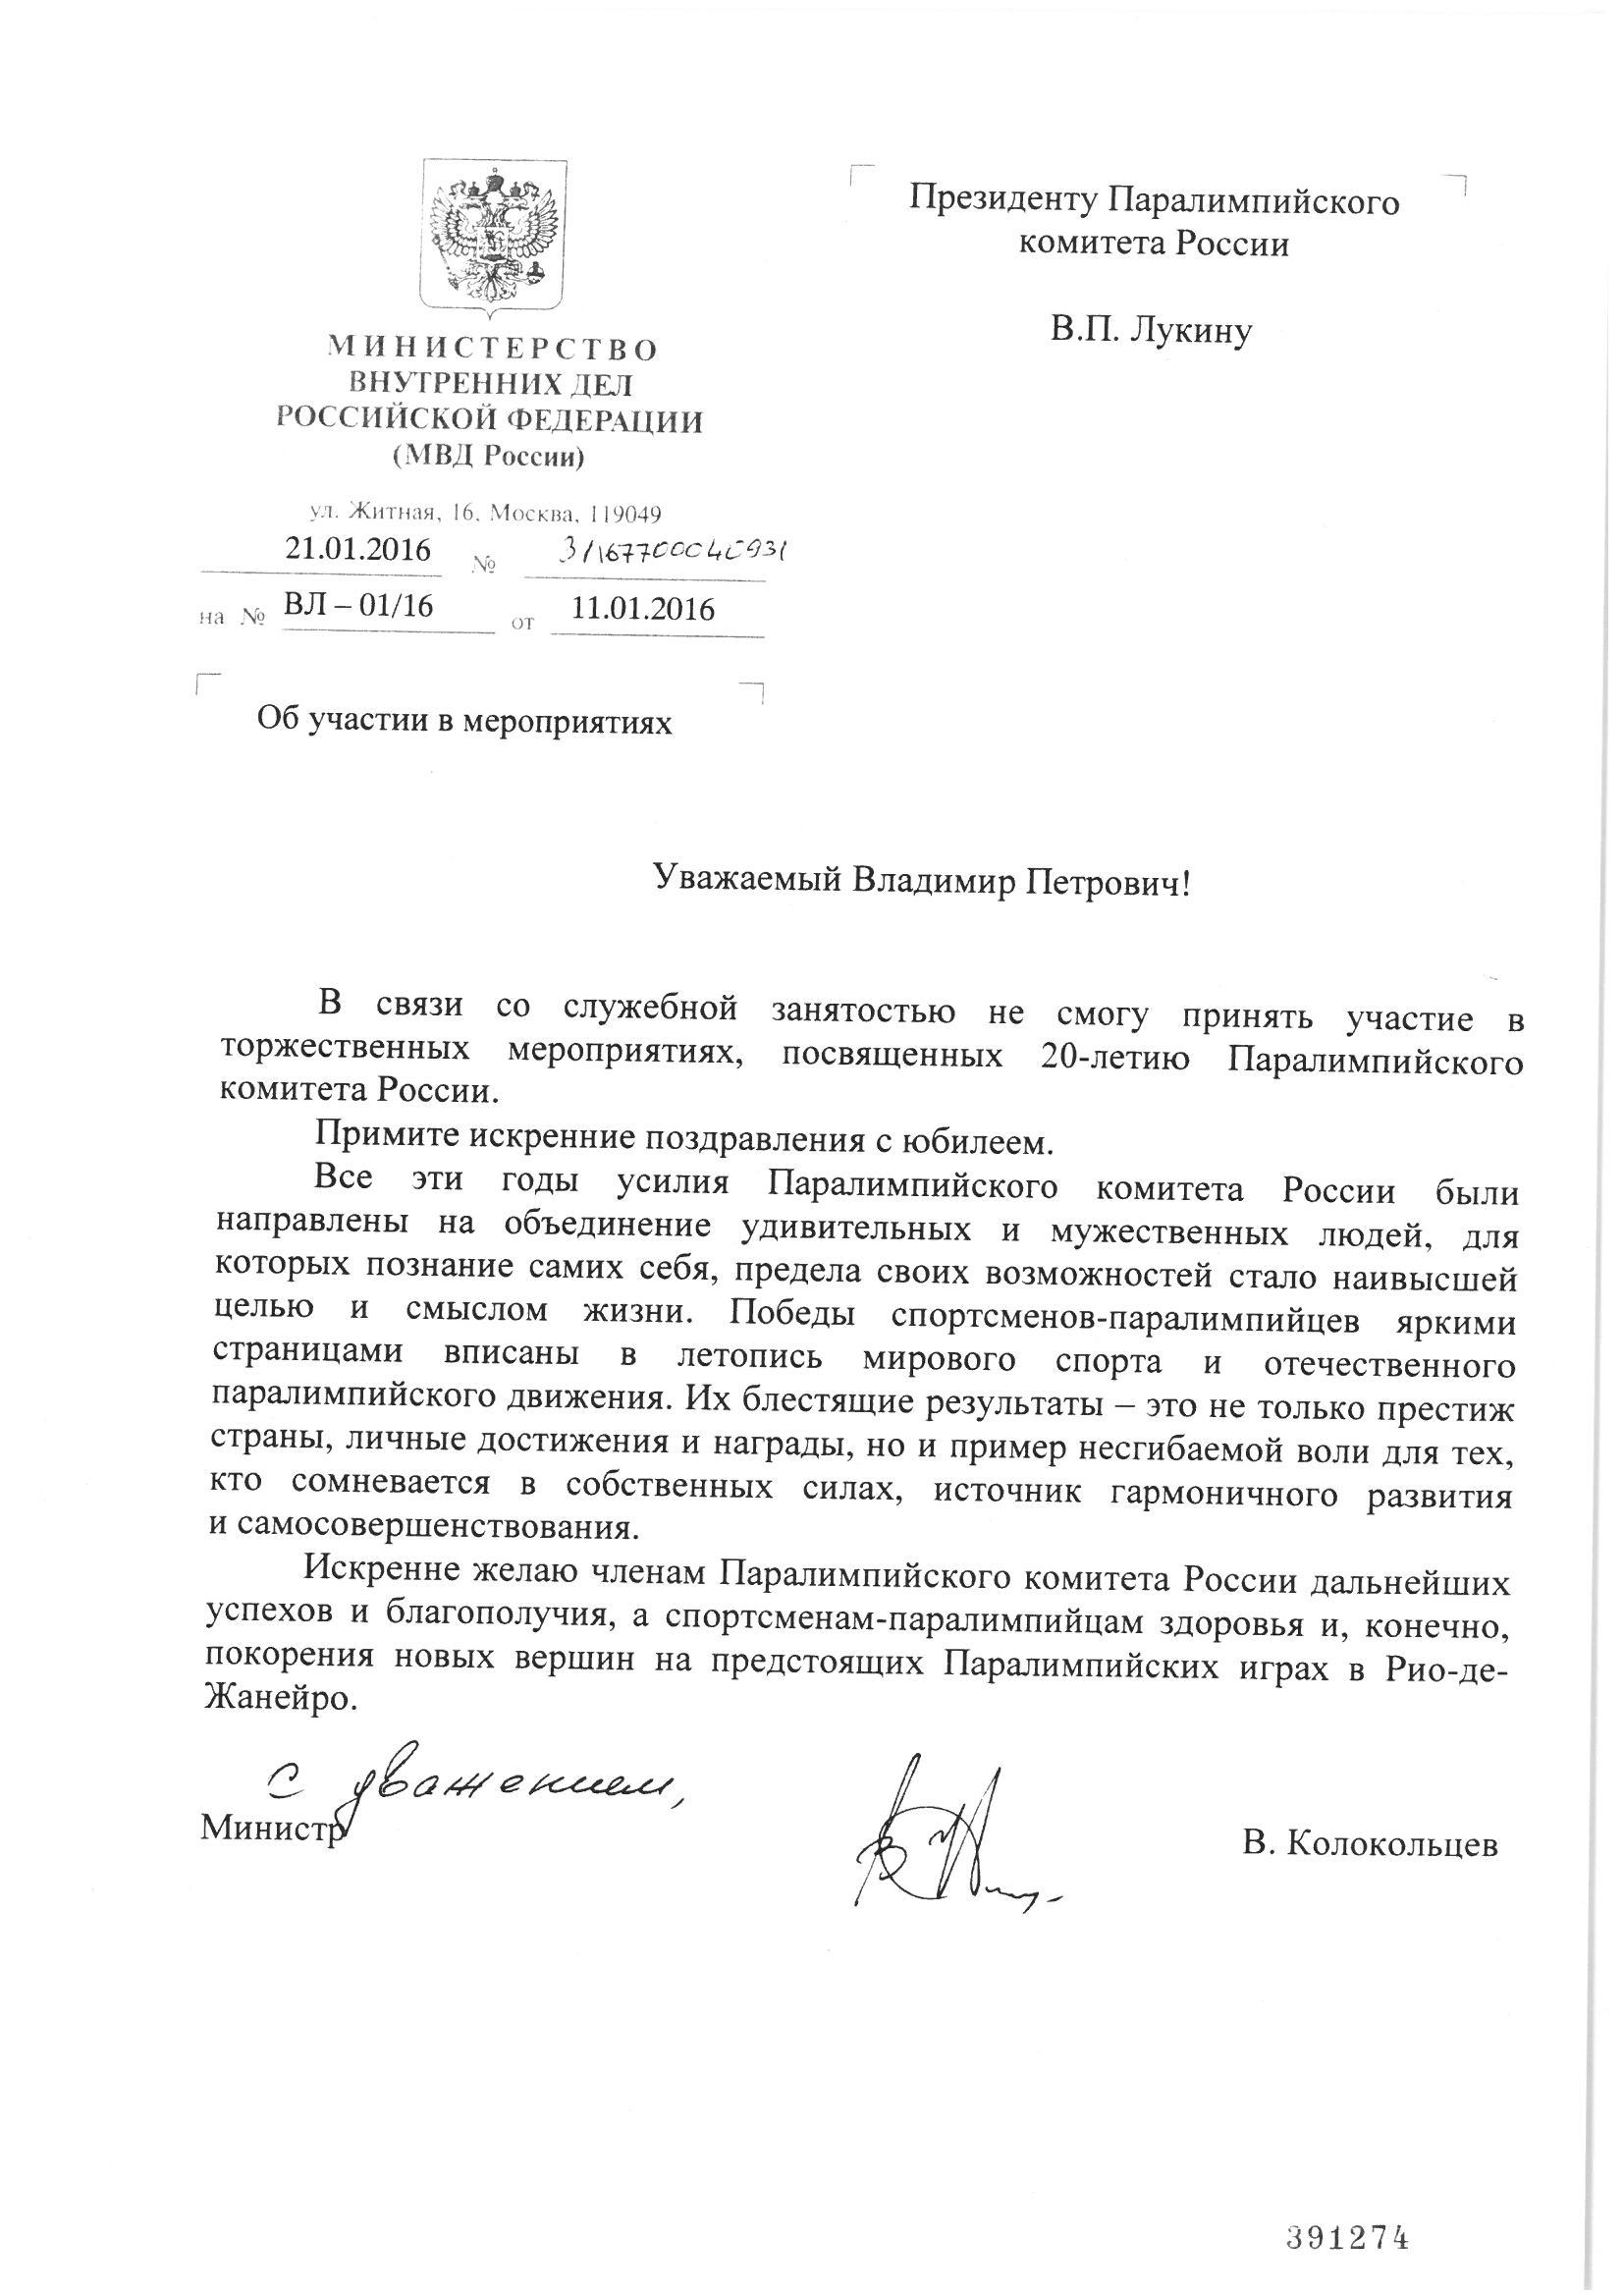 Министр внутренних дел Российской Федерации В.А. Колокольцев поздравил Паралимпийский комитет России с 20-летием